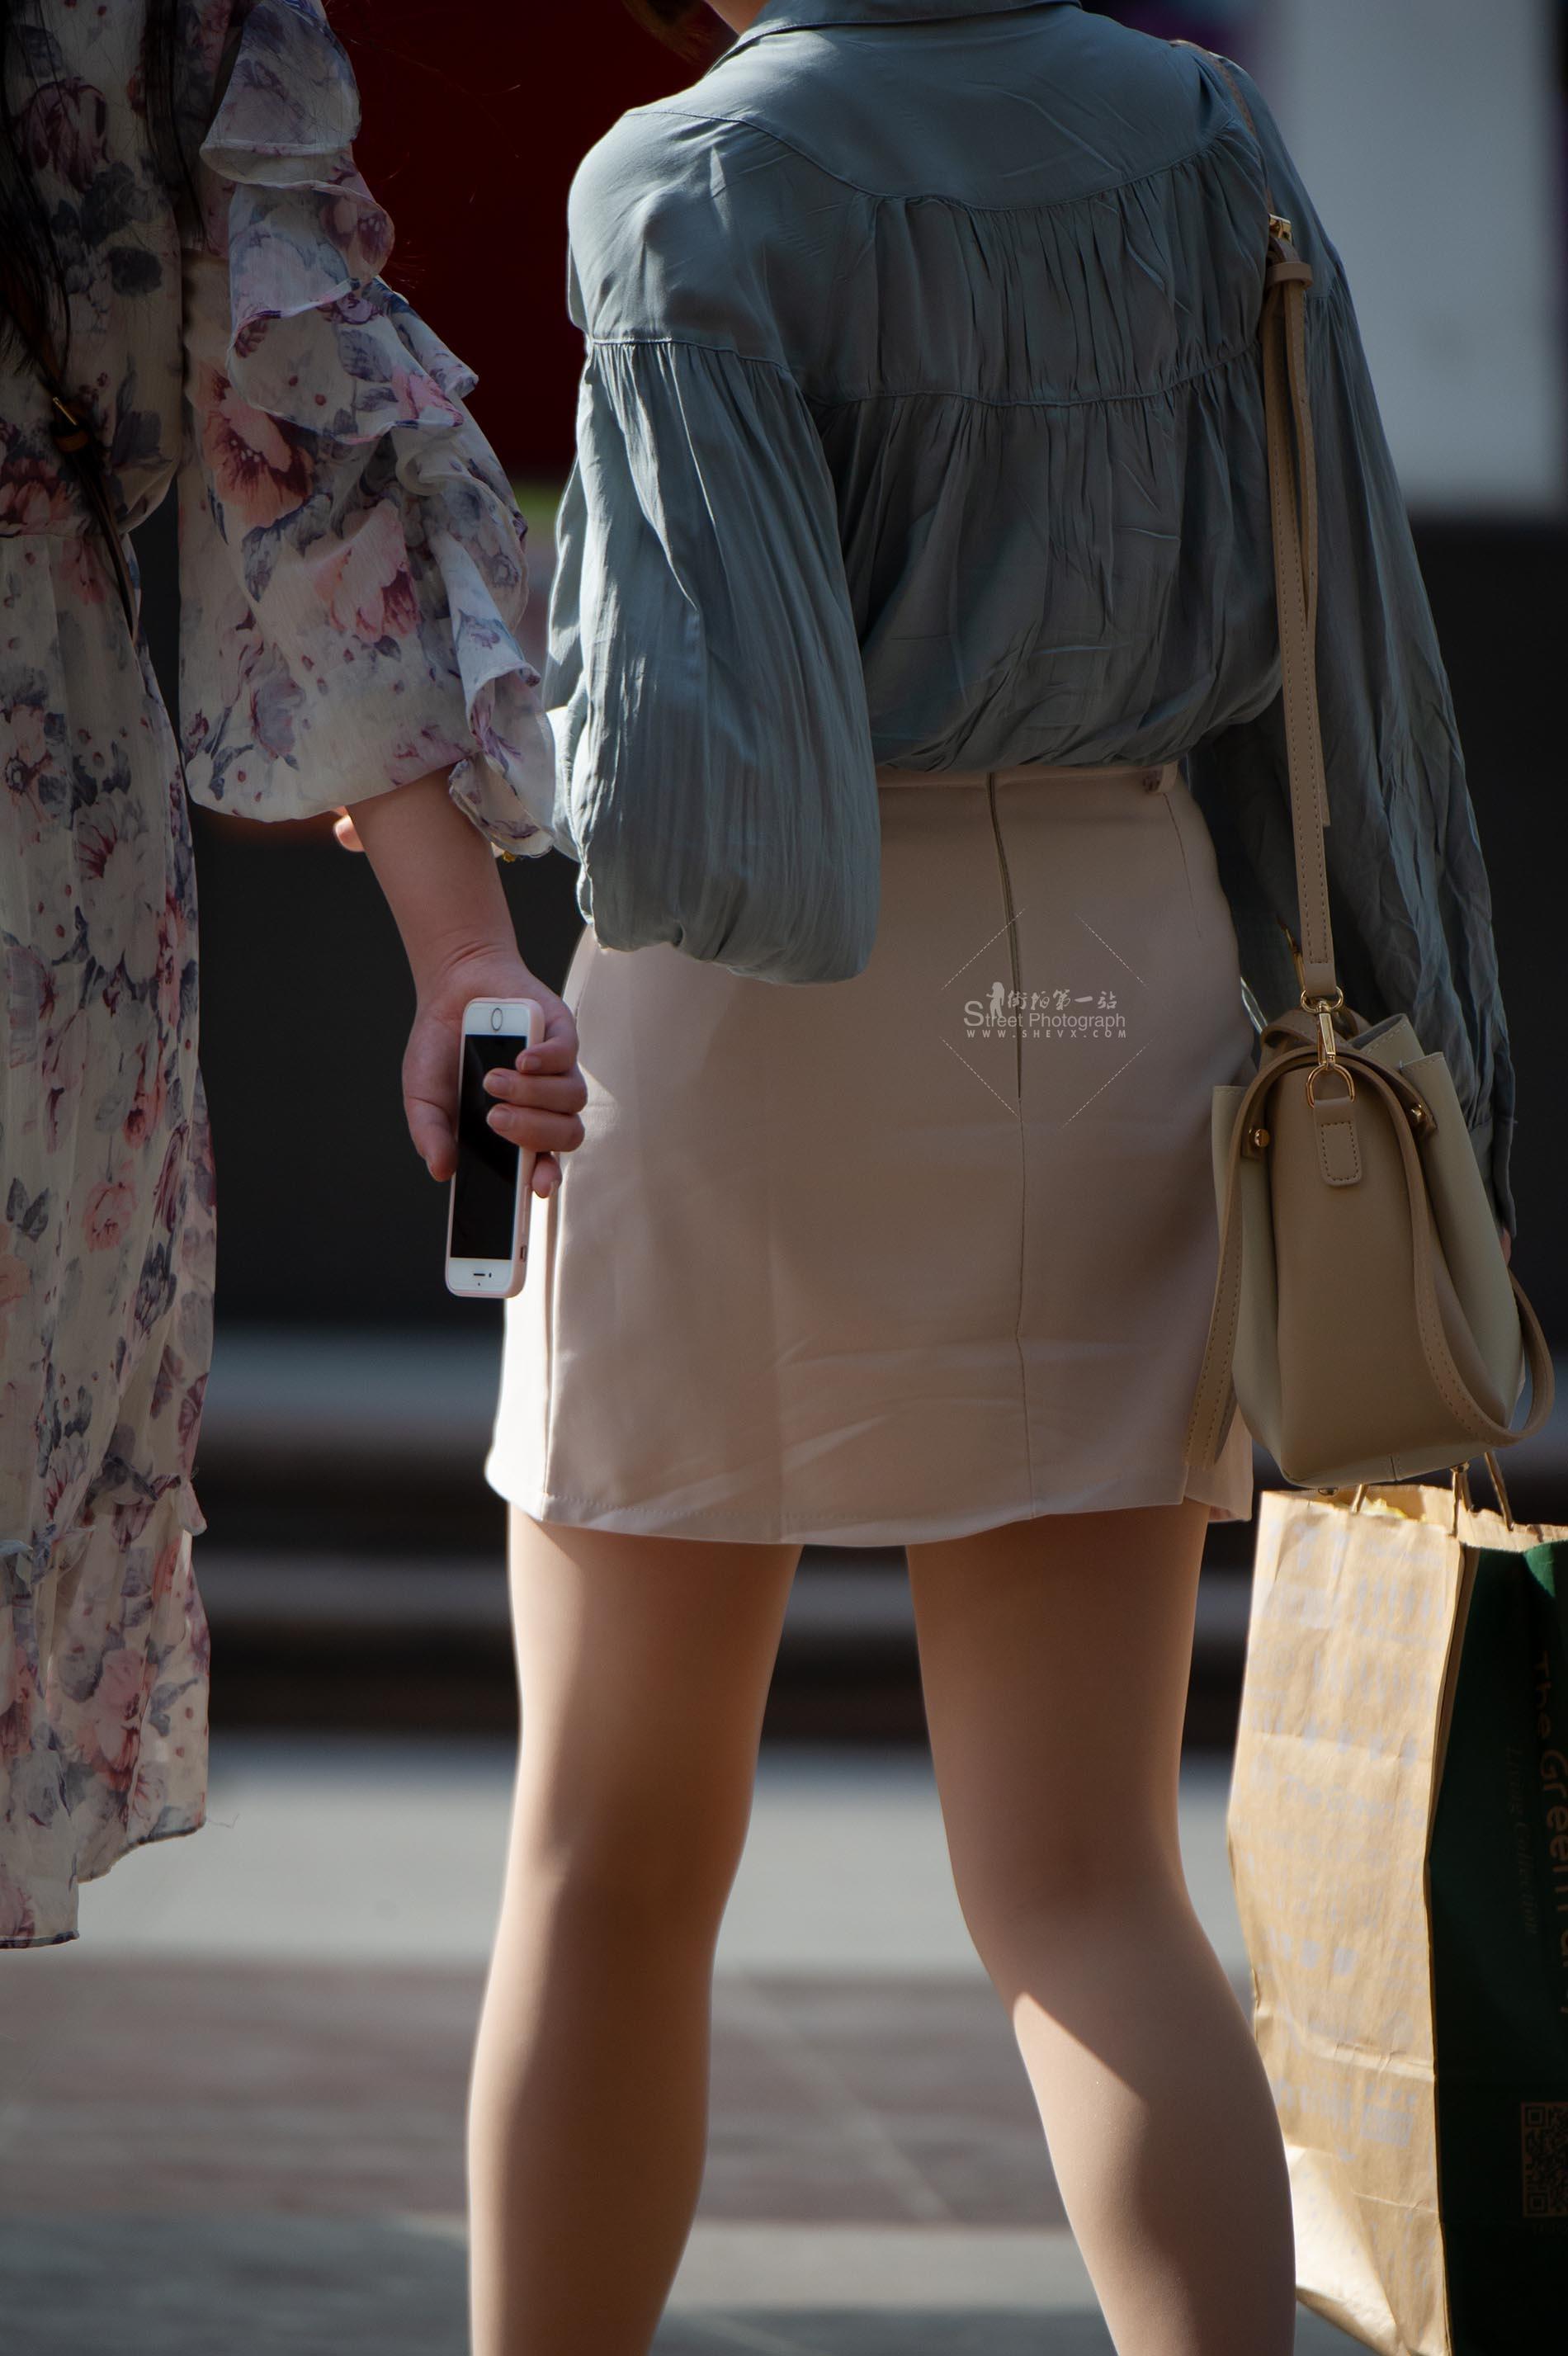 街拍丝袜 【原创】 丝袜腿很匀称,漂亮【13P】 最新街拍丝袜图片 街拍丝袜第一站